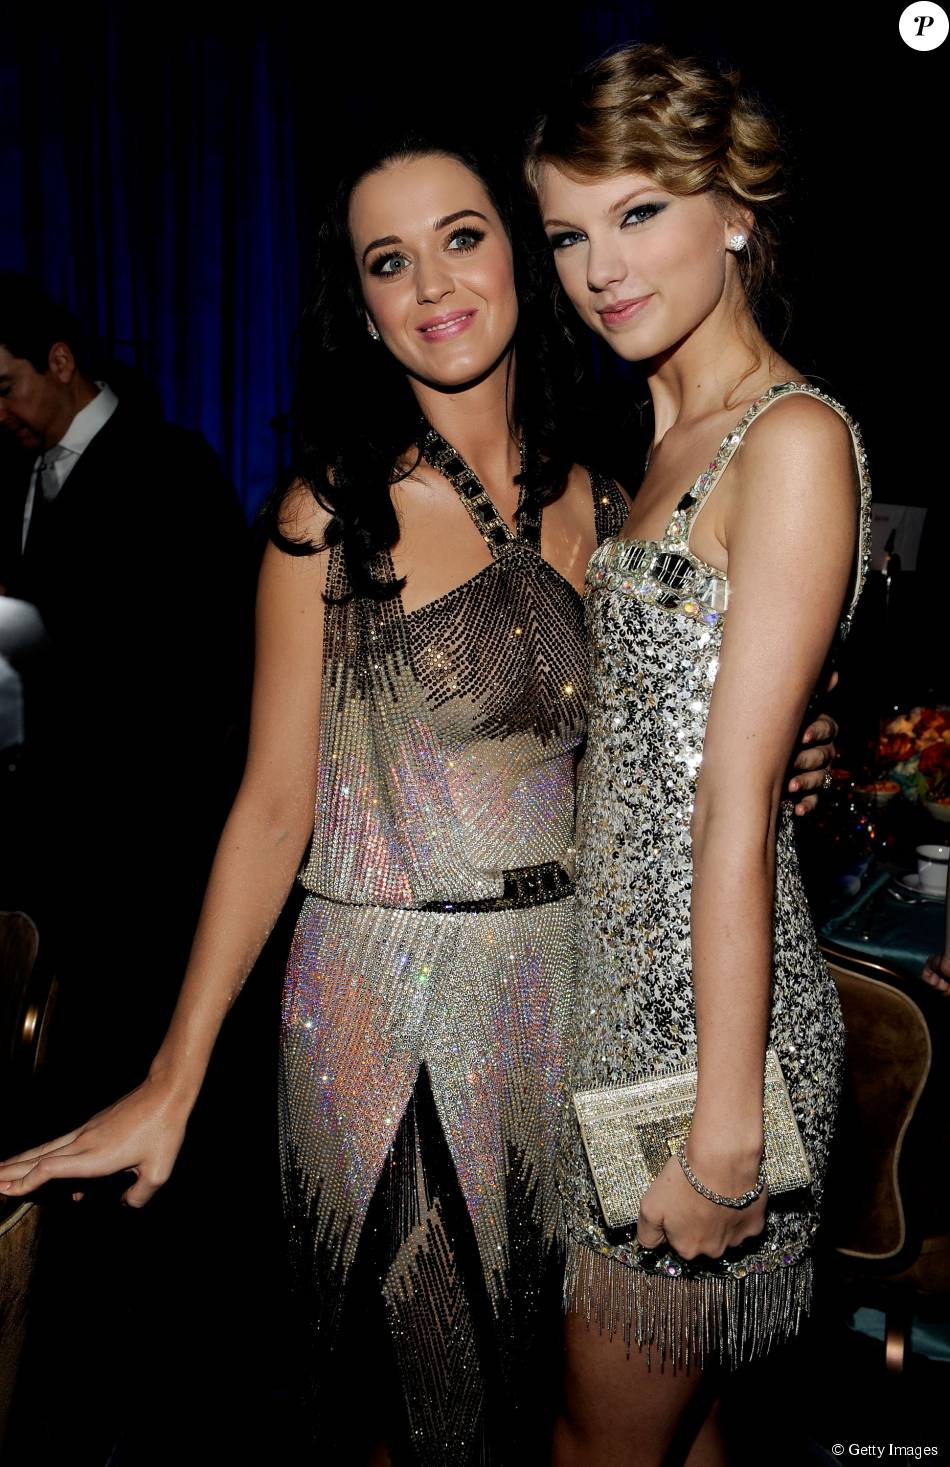 Katy Perry se pronunciou sobre a discussão virtual entre Taylor Swift e Nicki Minaj: 'Acho irônico usar o argumento de 'colocar uma mulher contra a outra' enquanto tem uma que ganha muito dinheiro falando sobre como derrubar uma mulher'